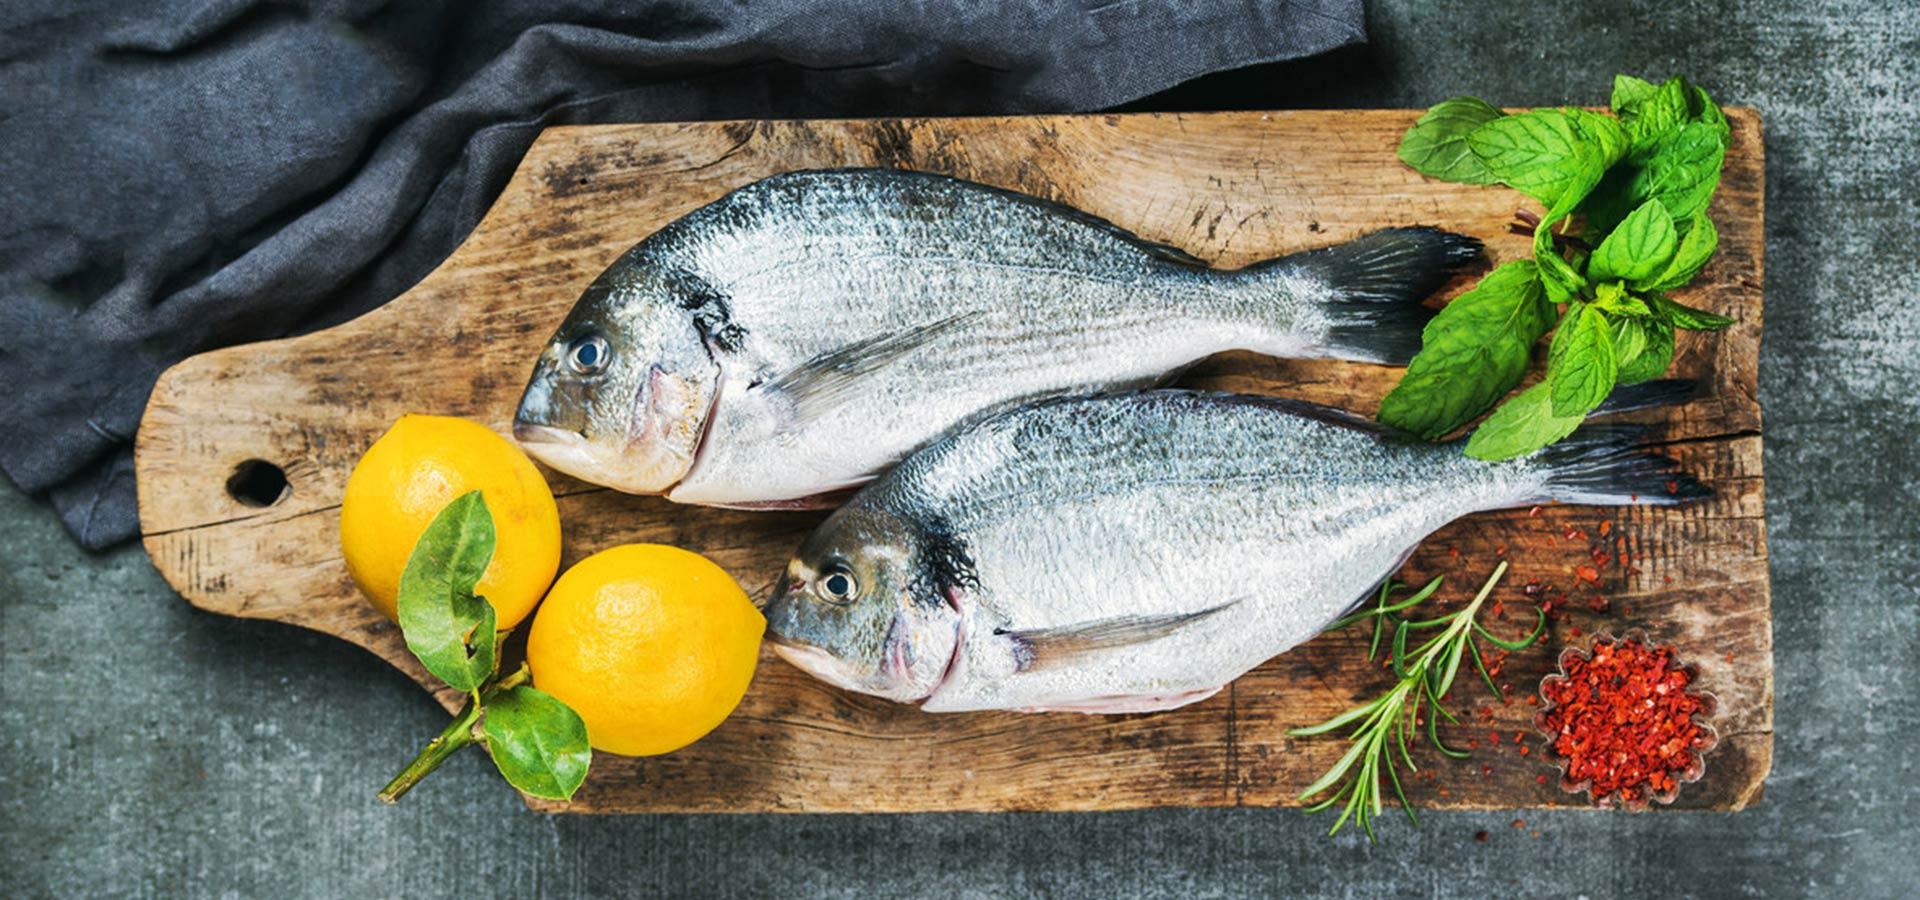 Marcopesca pescado y limones